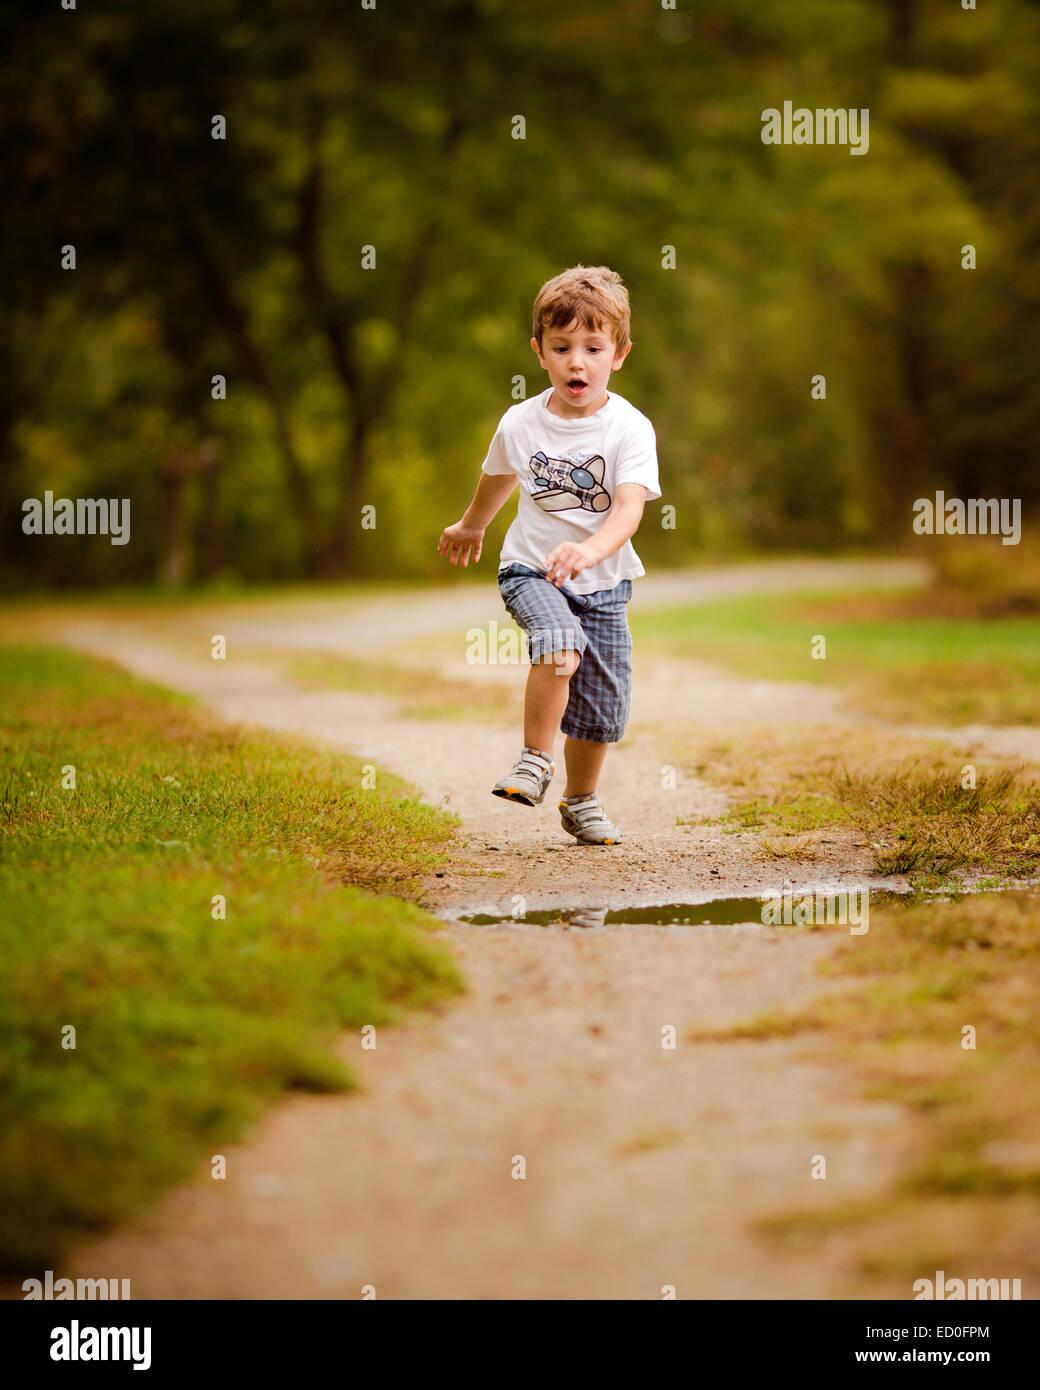 Junge läuft auf Fußweg etwa, über eine Pfütze zu springen Stockbild